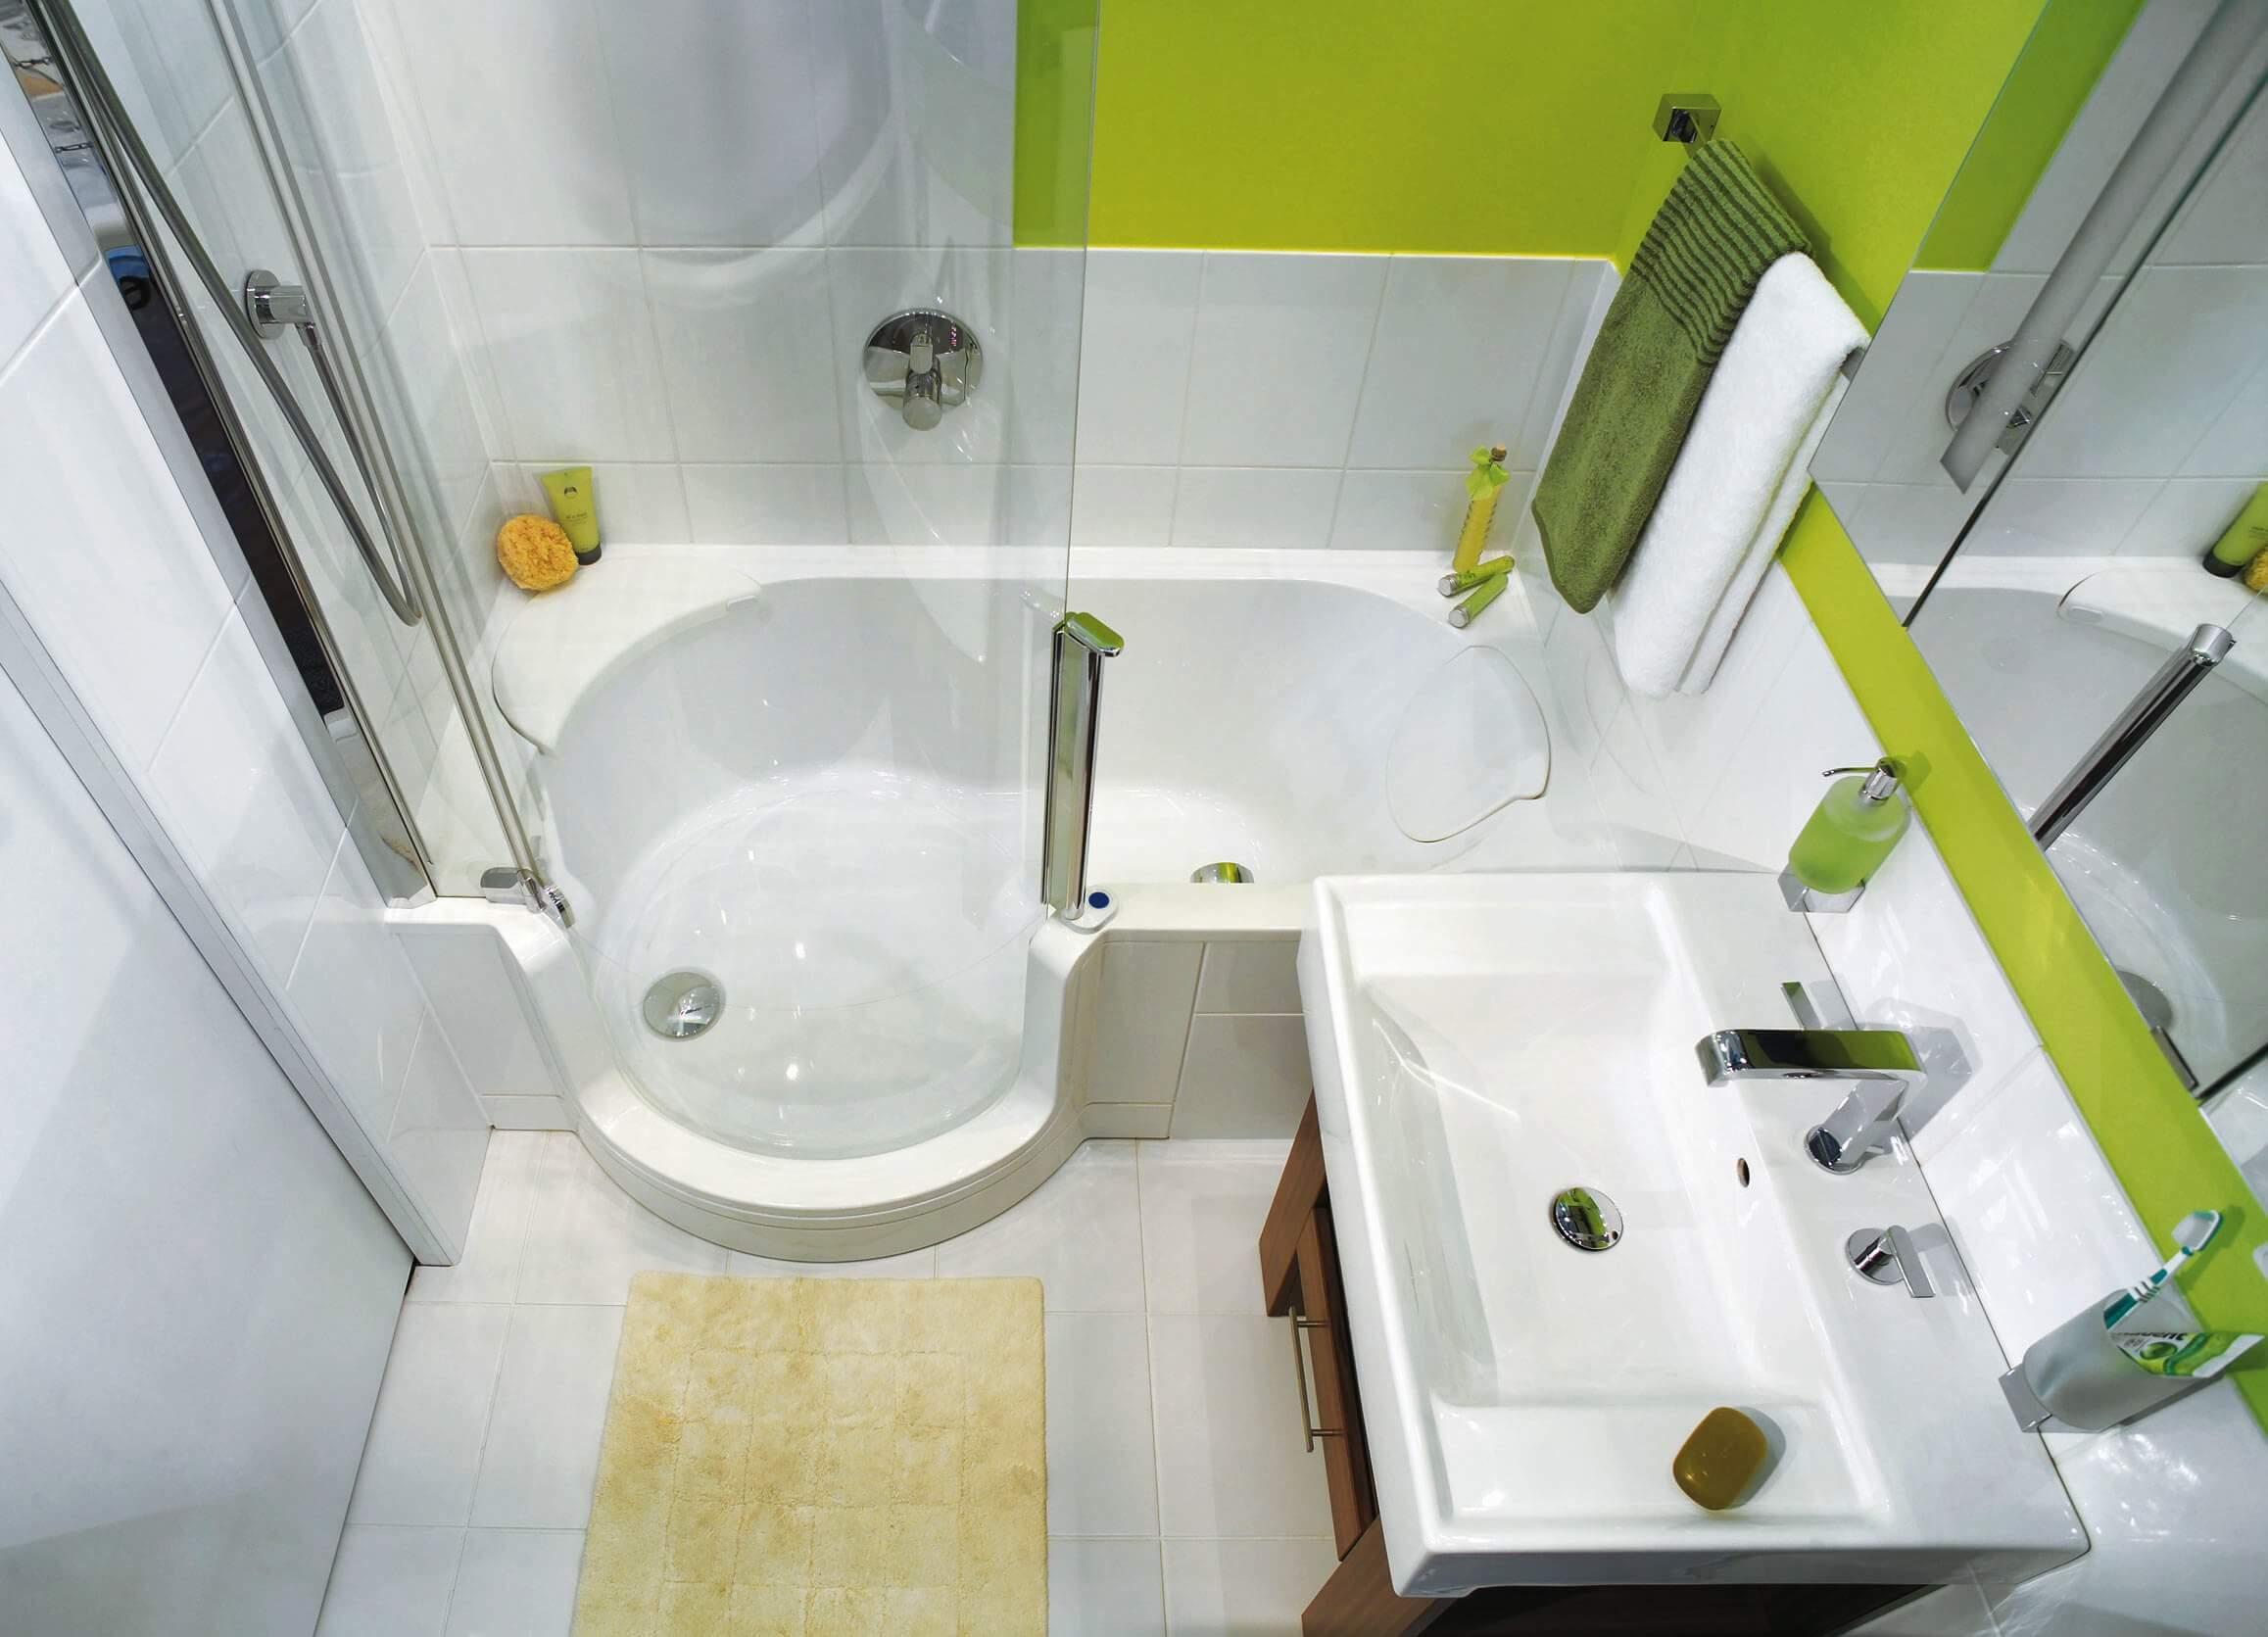 Размеры ванной - оптимальный типоразмер и советы по планировке ванны (120 фото и видео)